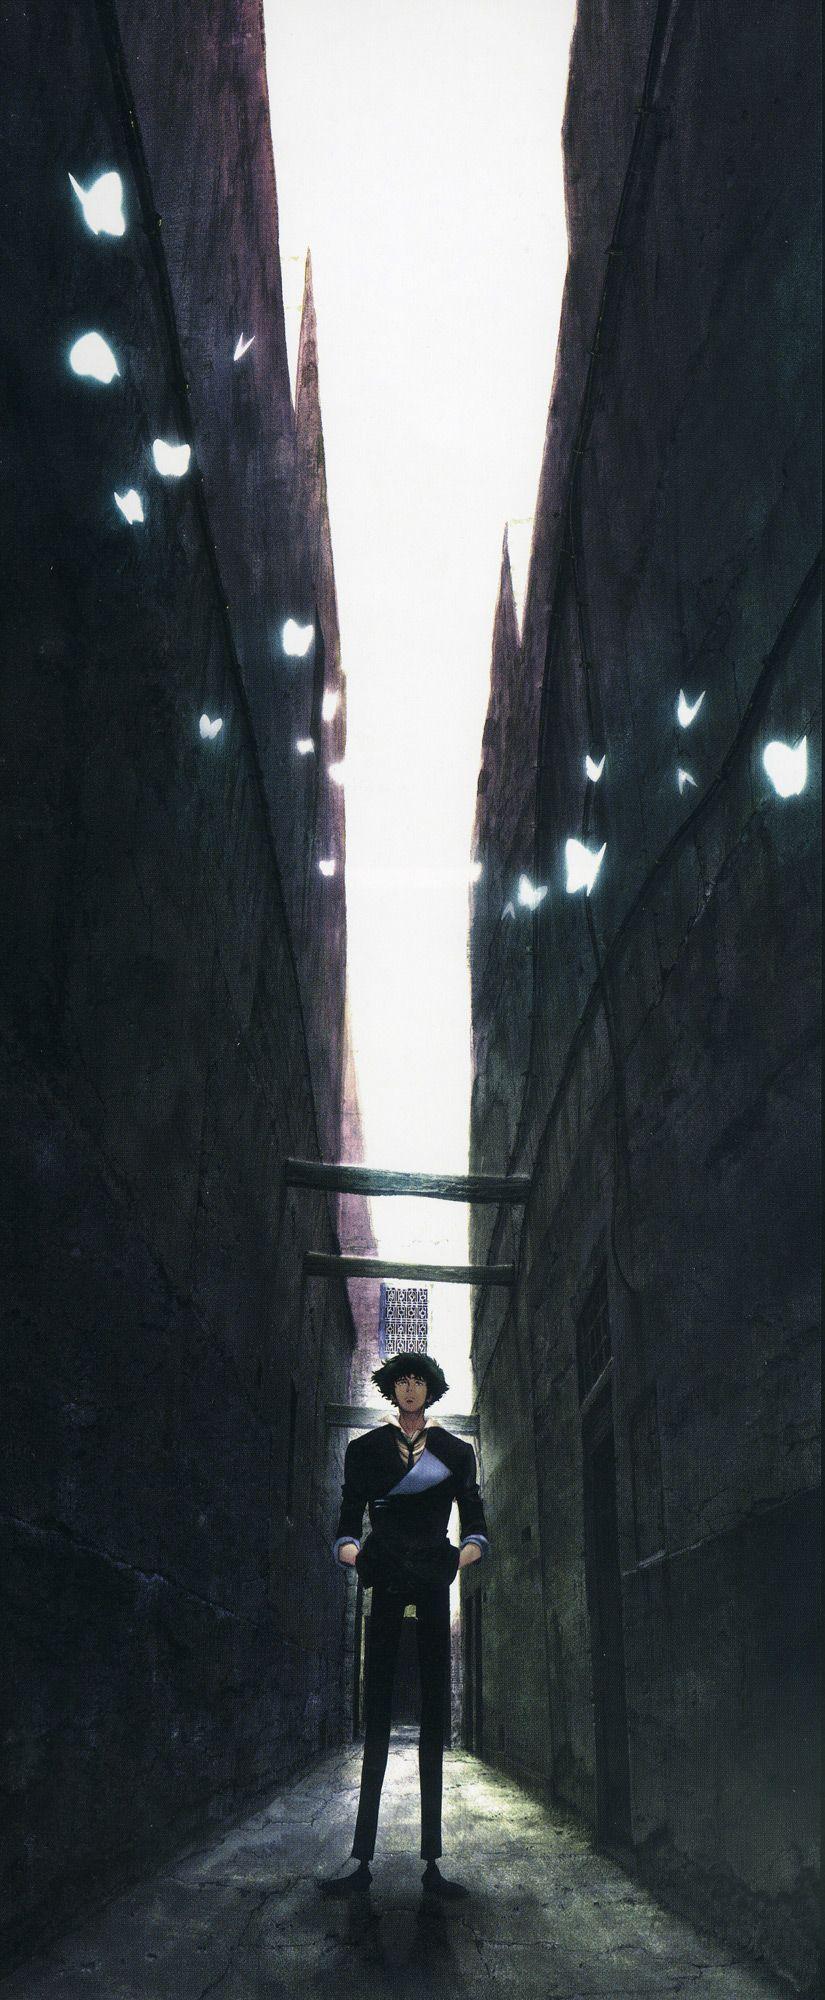 Cowboy Bebop Minitokyo Scans Gallery Cowboy bebop, Anime